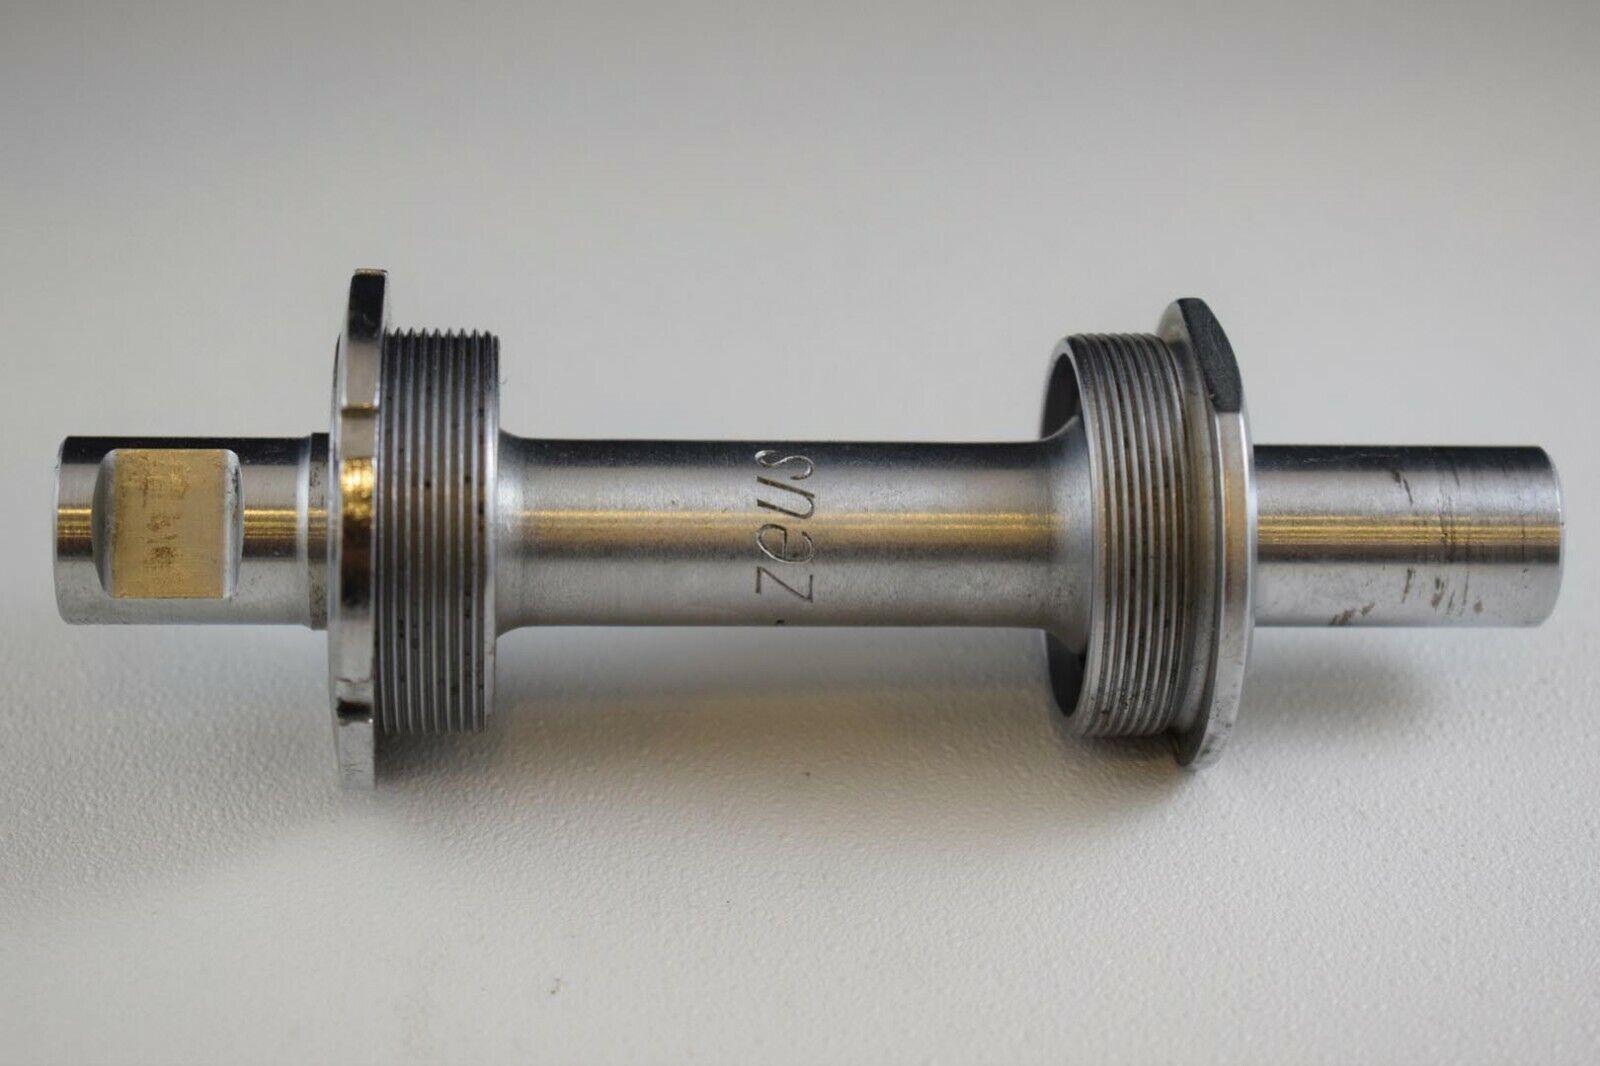 Soporte inferior ZEUS 127mm cotterojo BSA Inglés Hilo Suare Plata Vintage nuevo viejo Stock